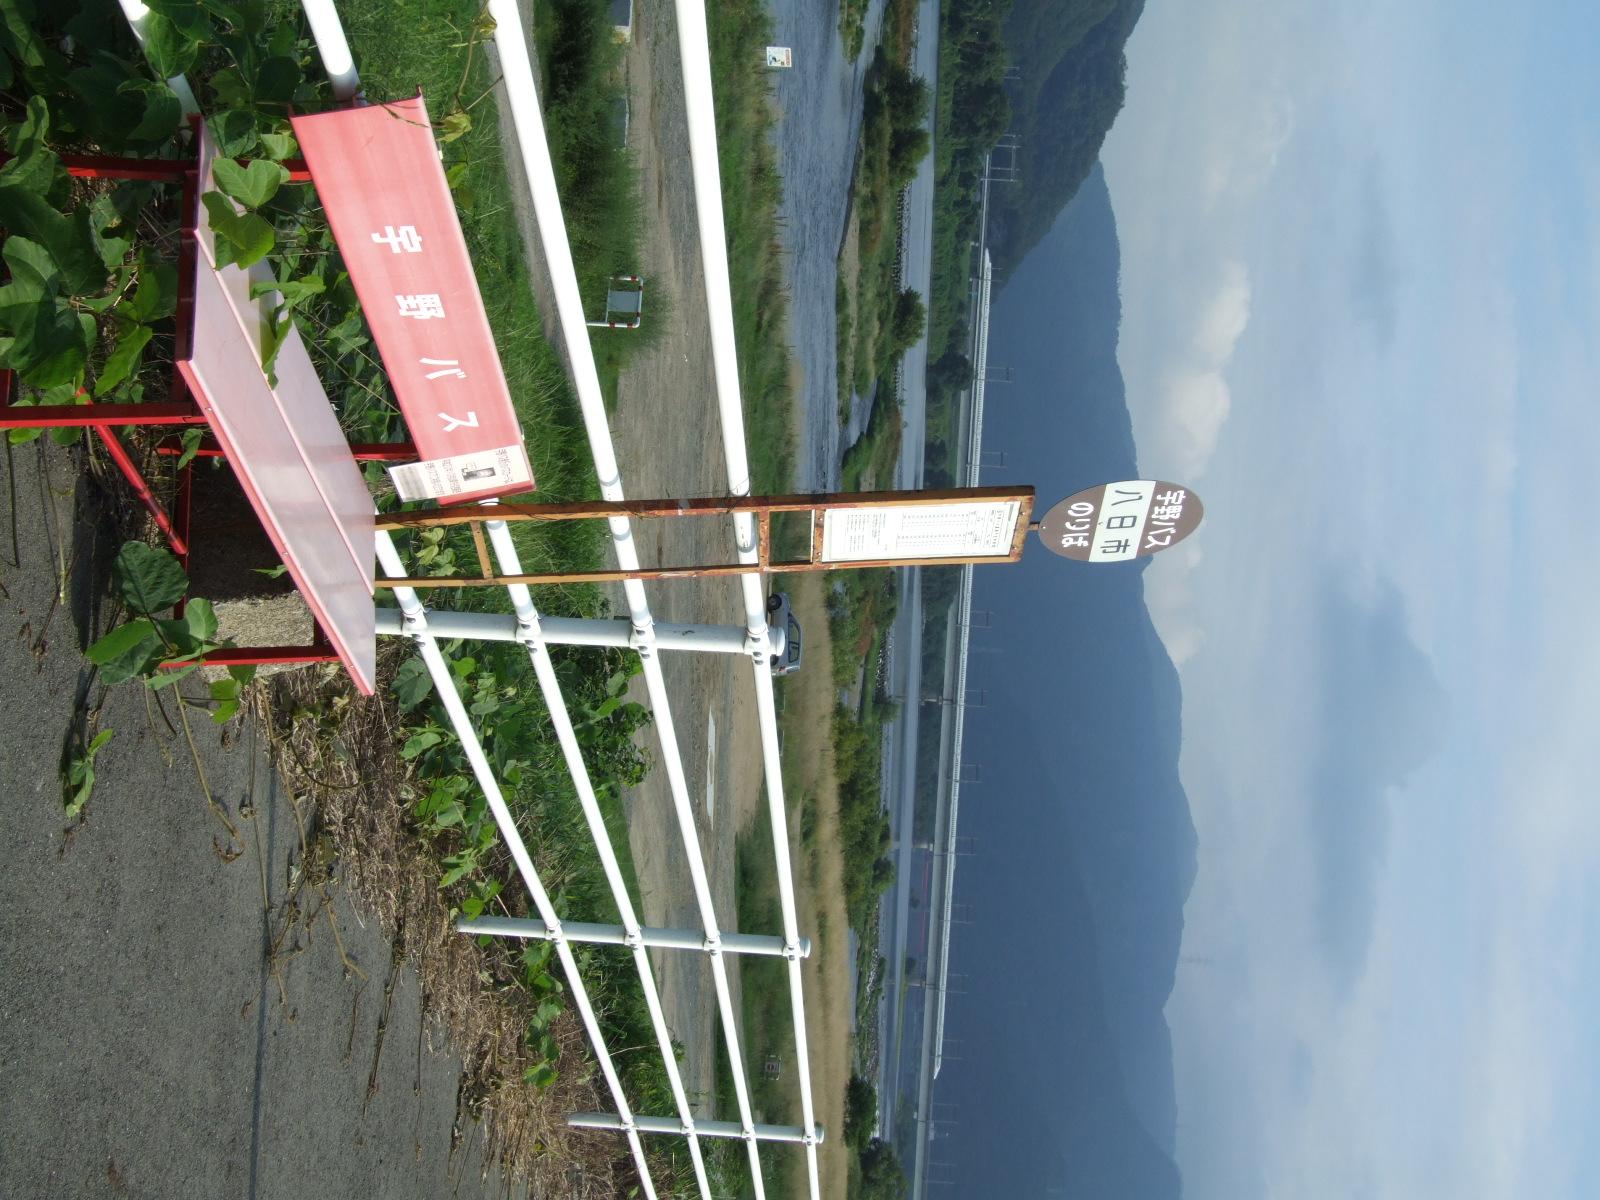 鉄道:厚狭だ厚〜狭〜だ〜よ〜♪